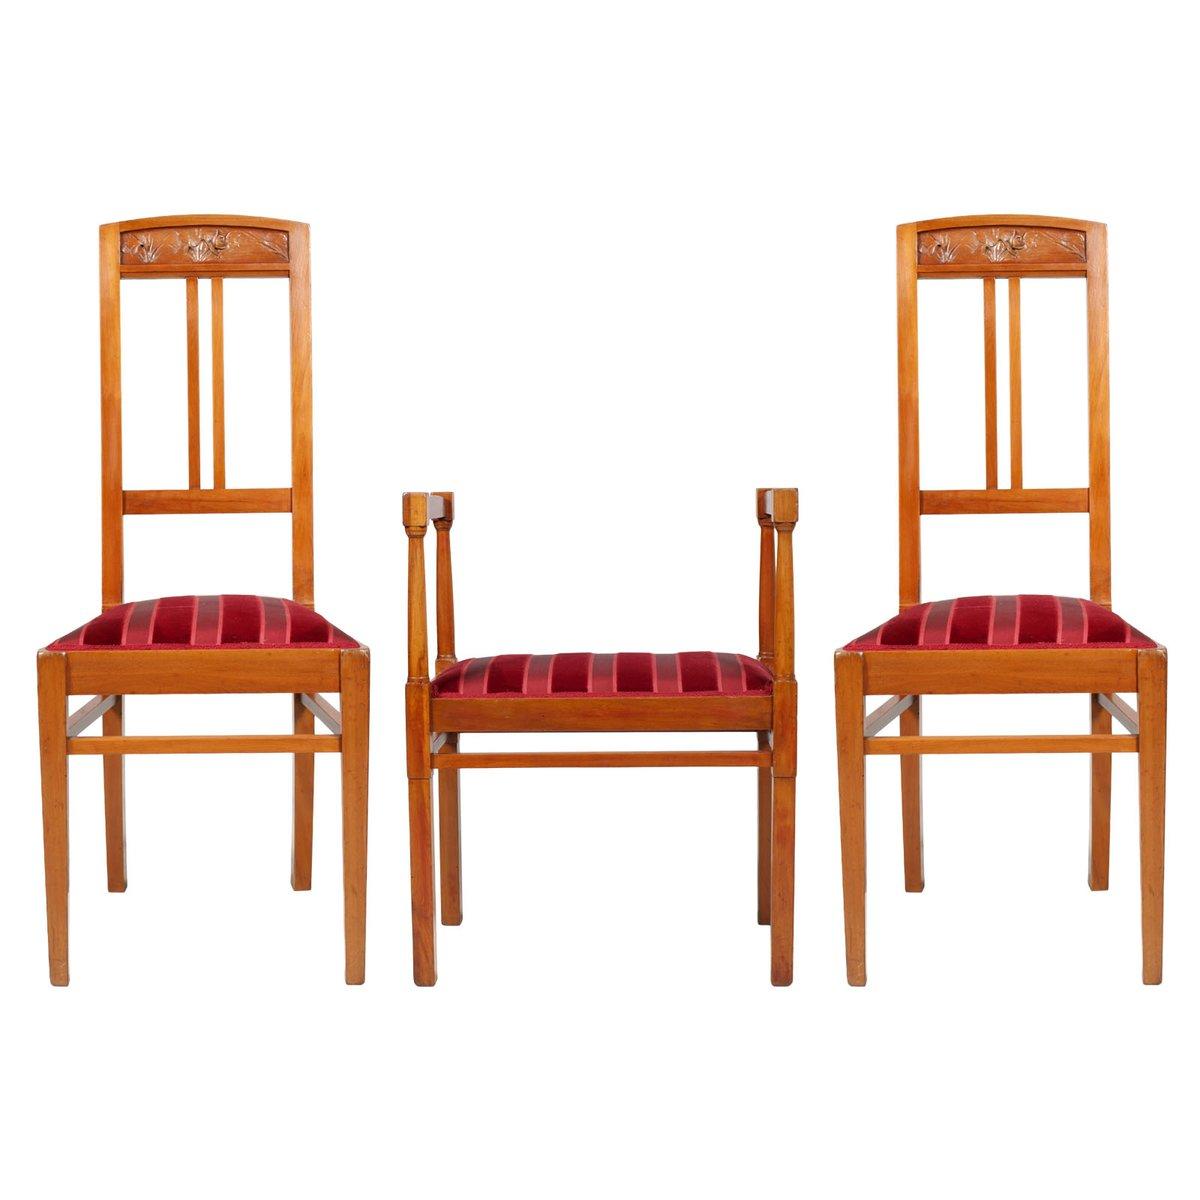 chaise d 39 appoint avec tabouret antiques art nouveau italie en vente sur pamono. Black Bedroom Furniture Sets. Home Design Ideas